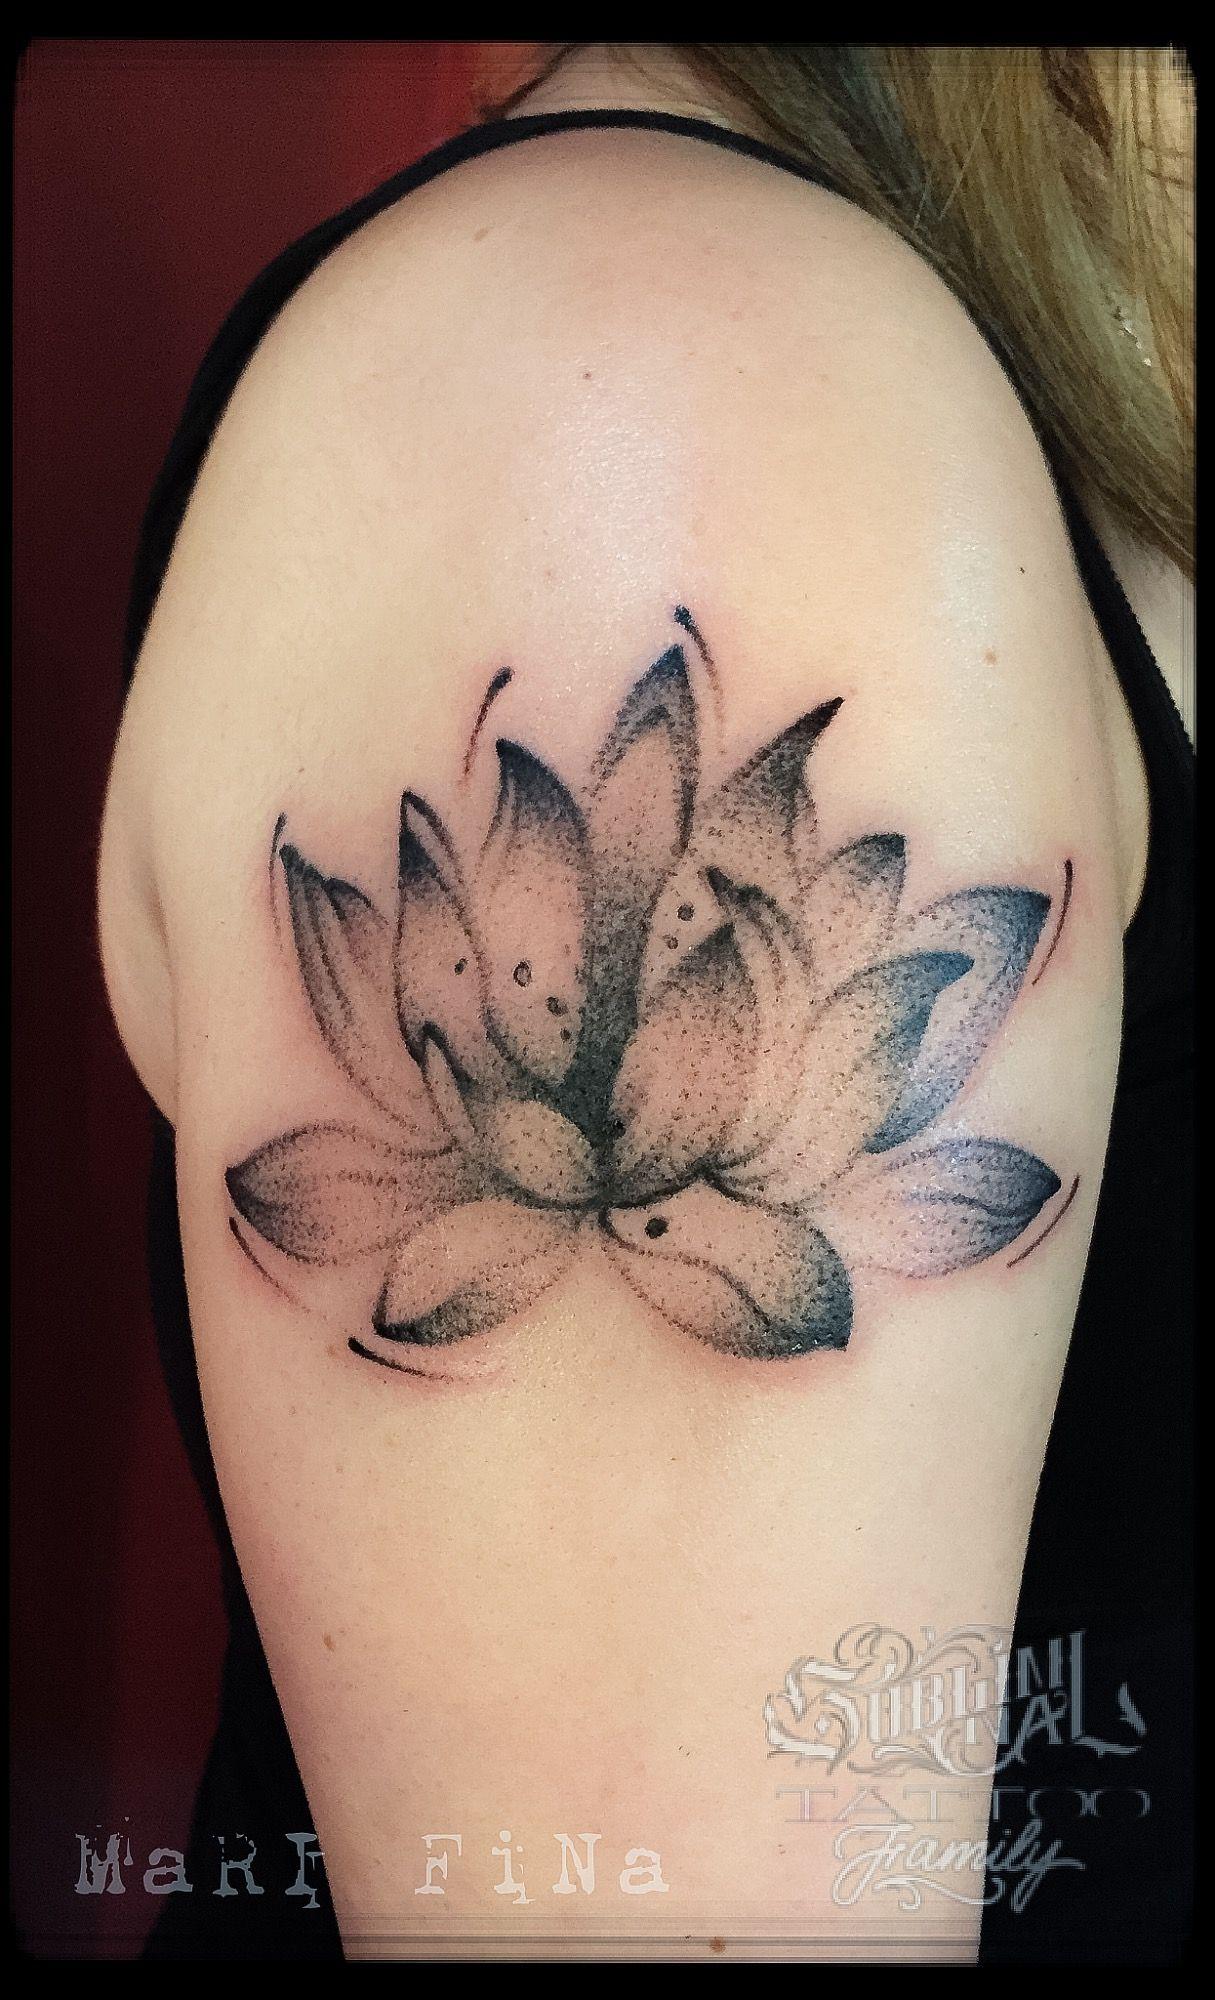 Lotus Flower Tattoo Tattoo Artist Mari Fina Wwwsubliminaltattoo